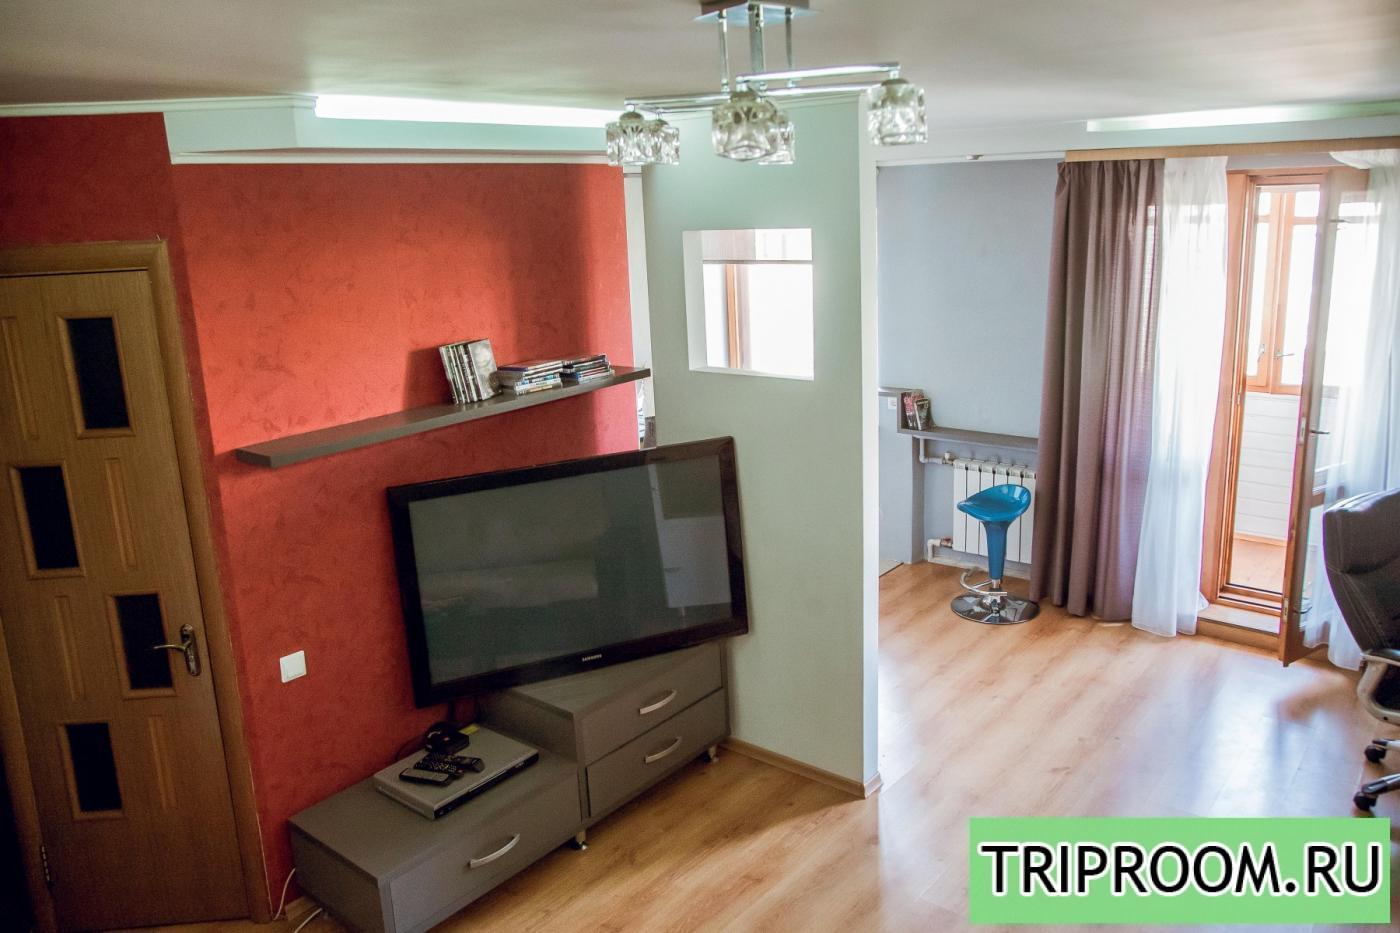 2-комнатная квартира посуточно (вариант № 10786), ул. Станкевича улица, фото № 1